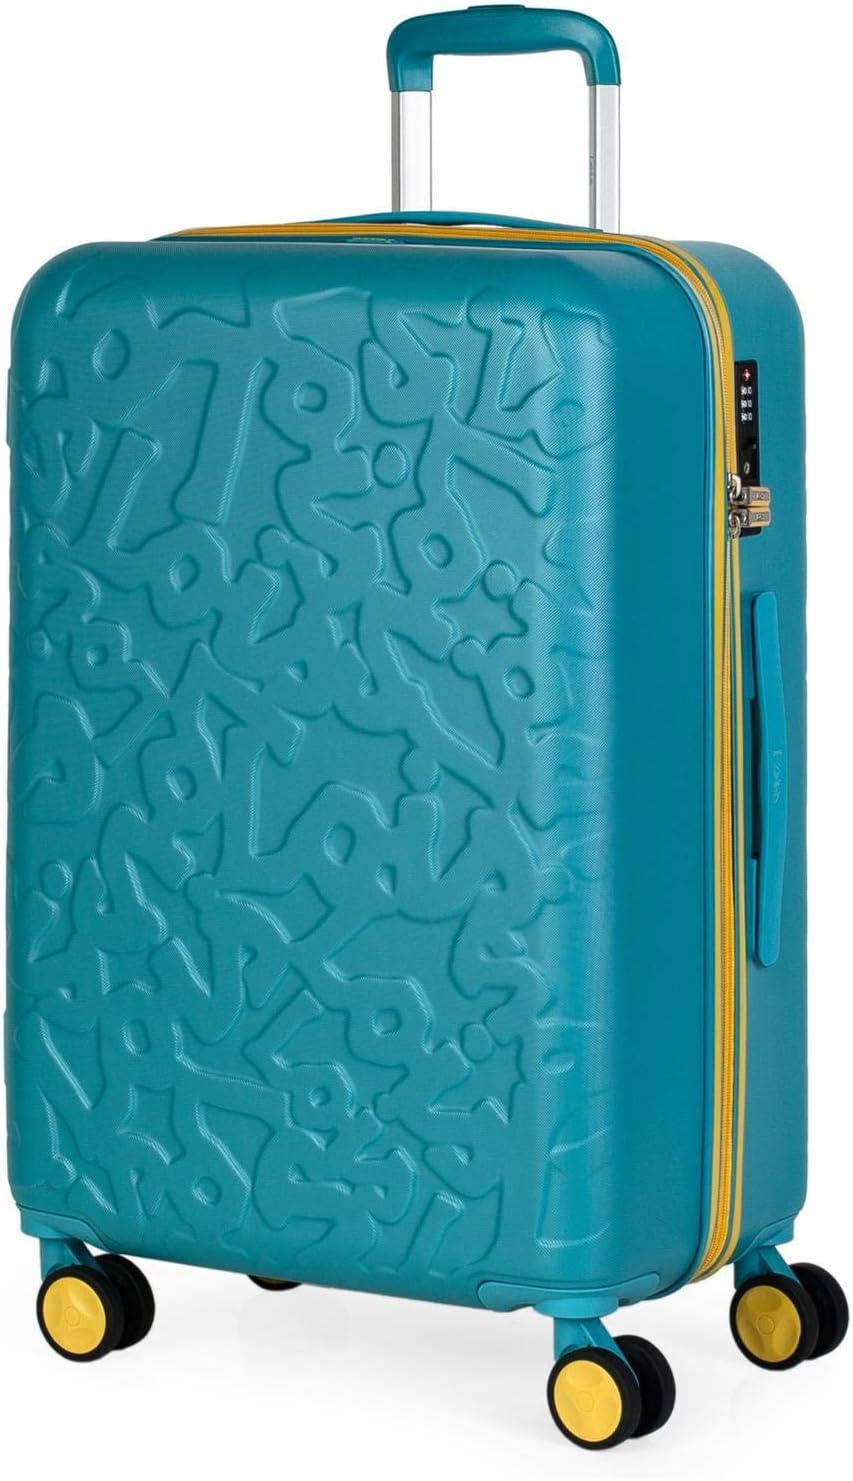 Lois - Maleta de Viaje Mediana 4 Ruedas Trolley. 66 cm Rígida de ABS. Dura Resistente Práctica Cómoda Ligera y Bonito Diseño Marca. Candado TSA. 171160, Color Aguamarina